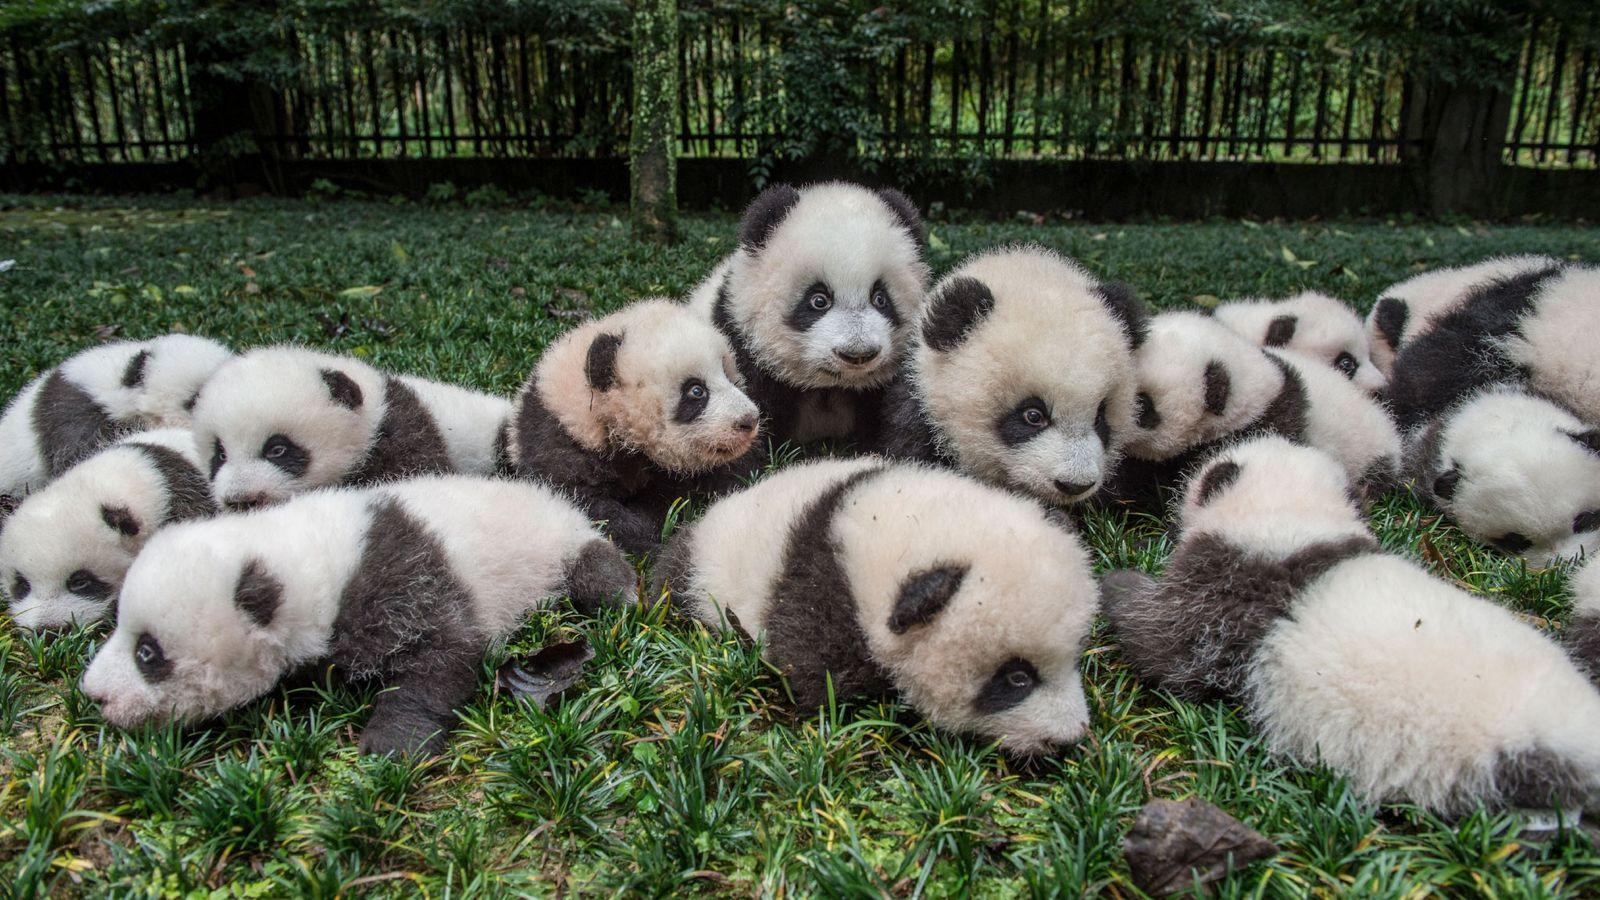 Pandas gigante